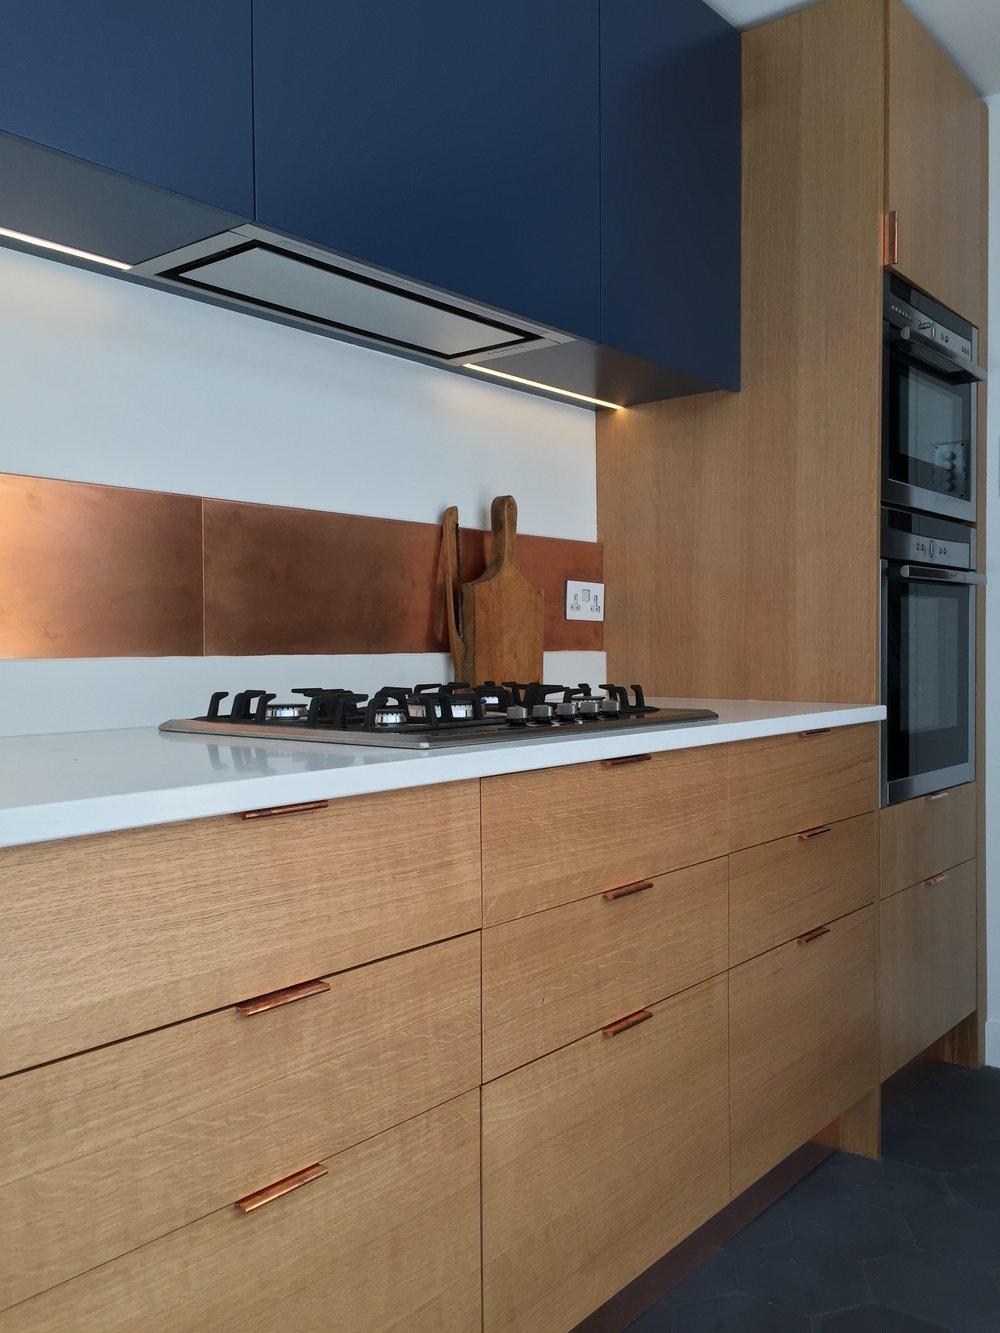 Sq1 Design workshop kitchen in Dalston